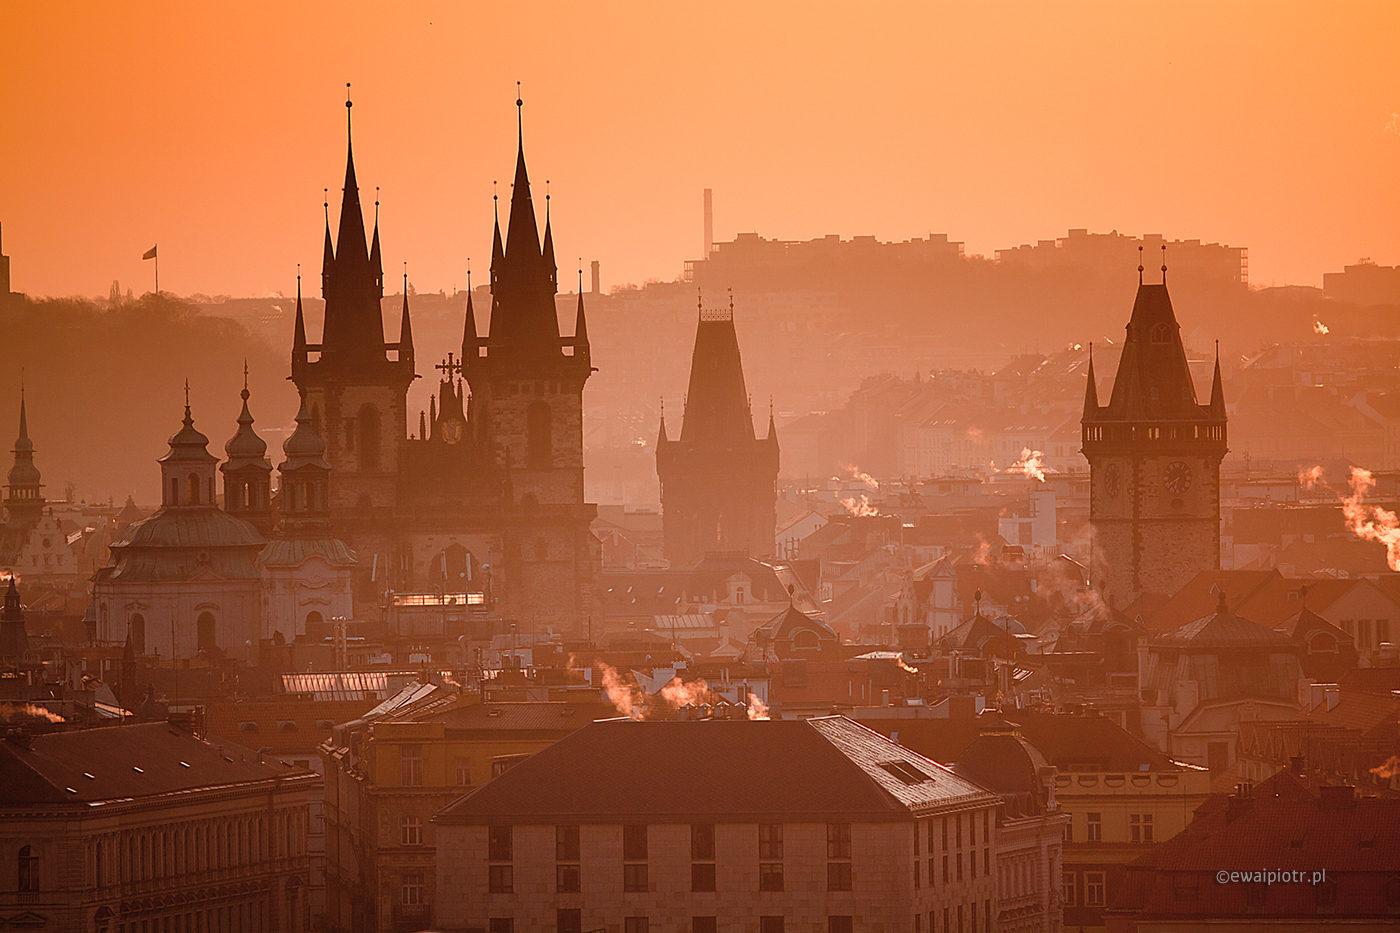 Z wieży o świcie, Praga, warsztaty fotograficzne, wschód słońca